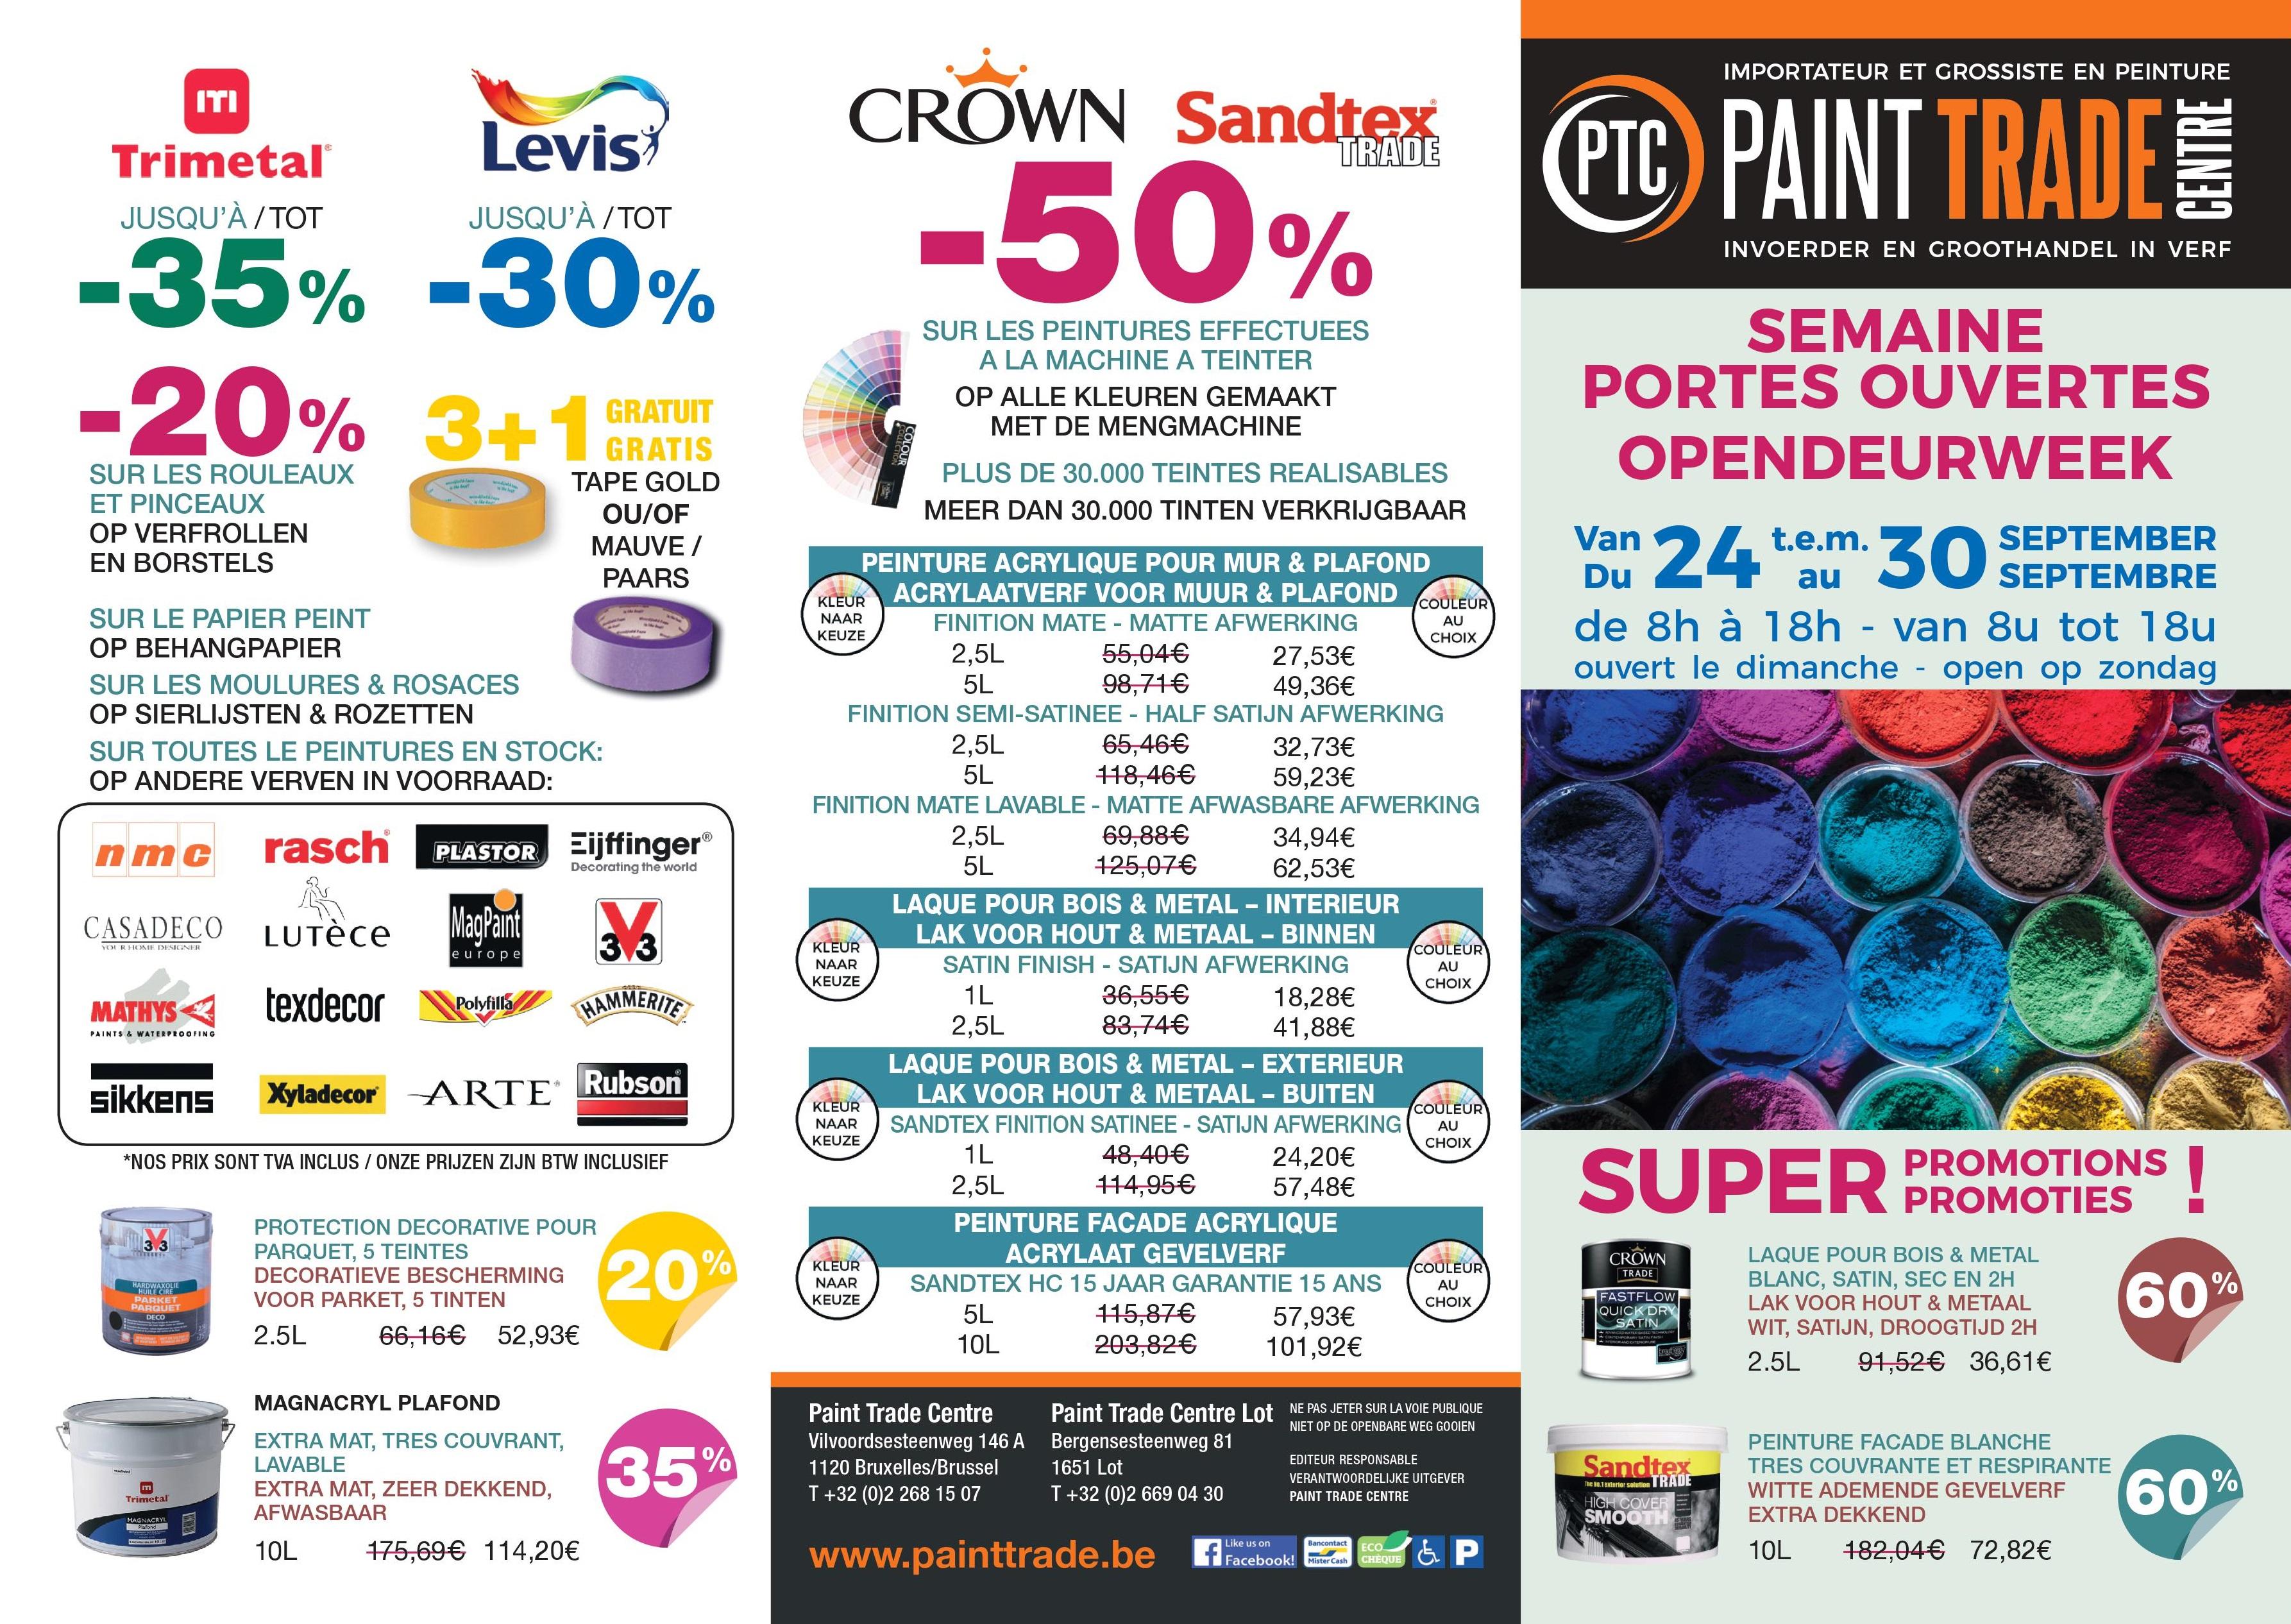 peinture-promotions